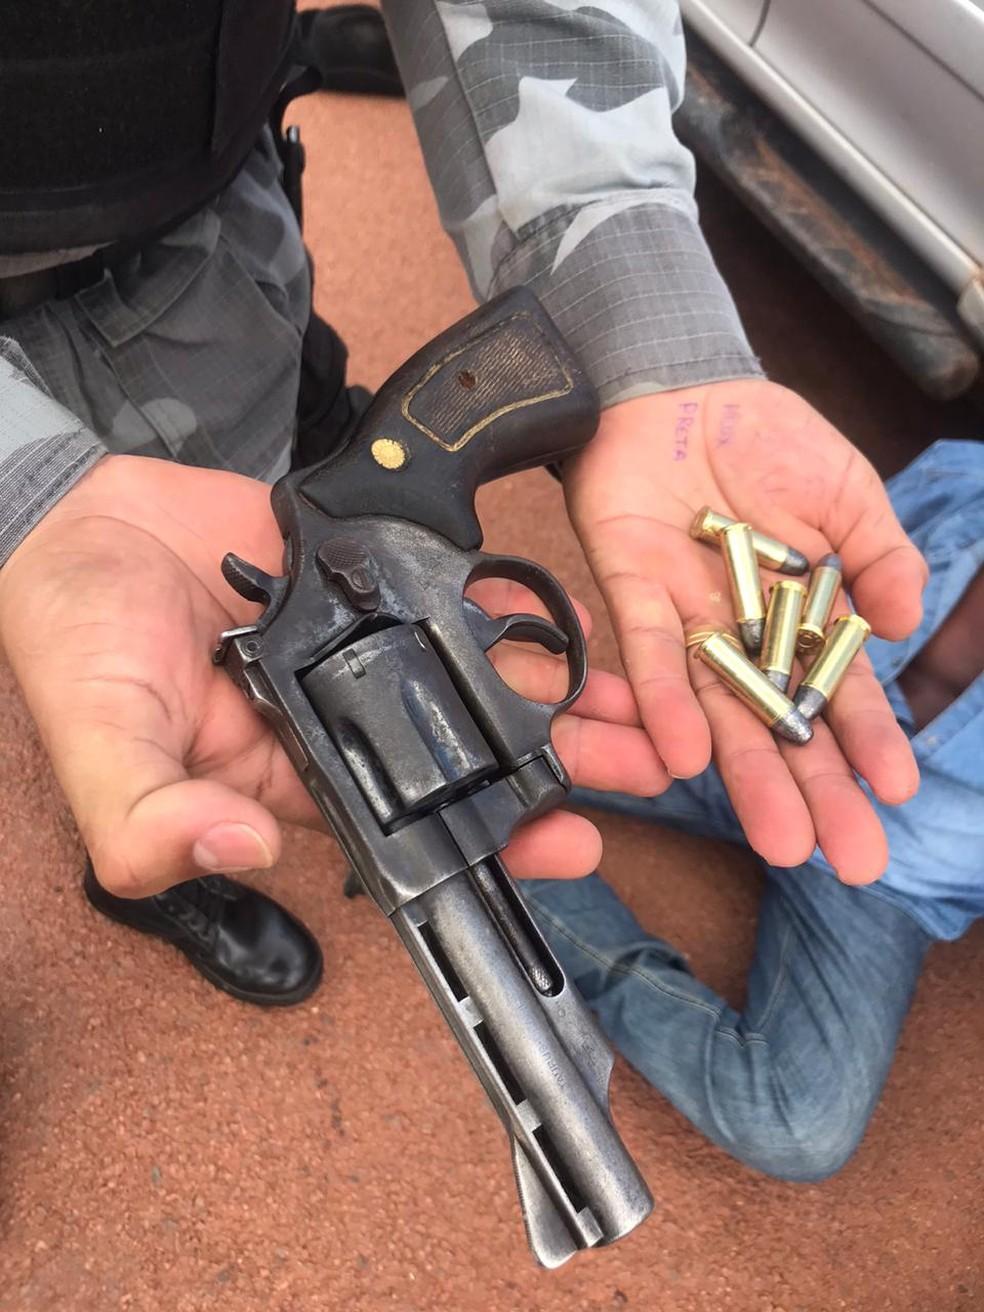 Arma usada para matar advogado em Juara foi apreendida — Foto: Polícia Militar de Mato Grosso/Divulgação